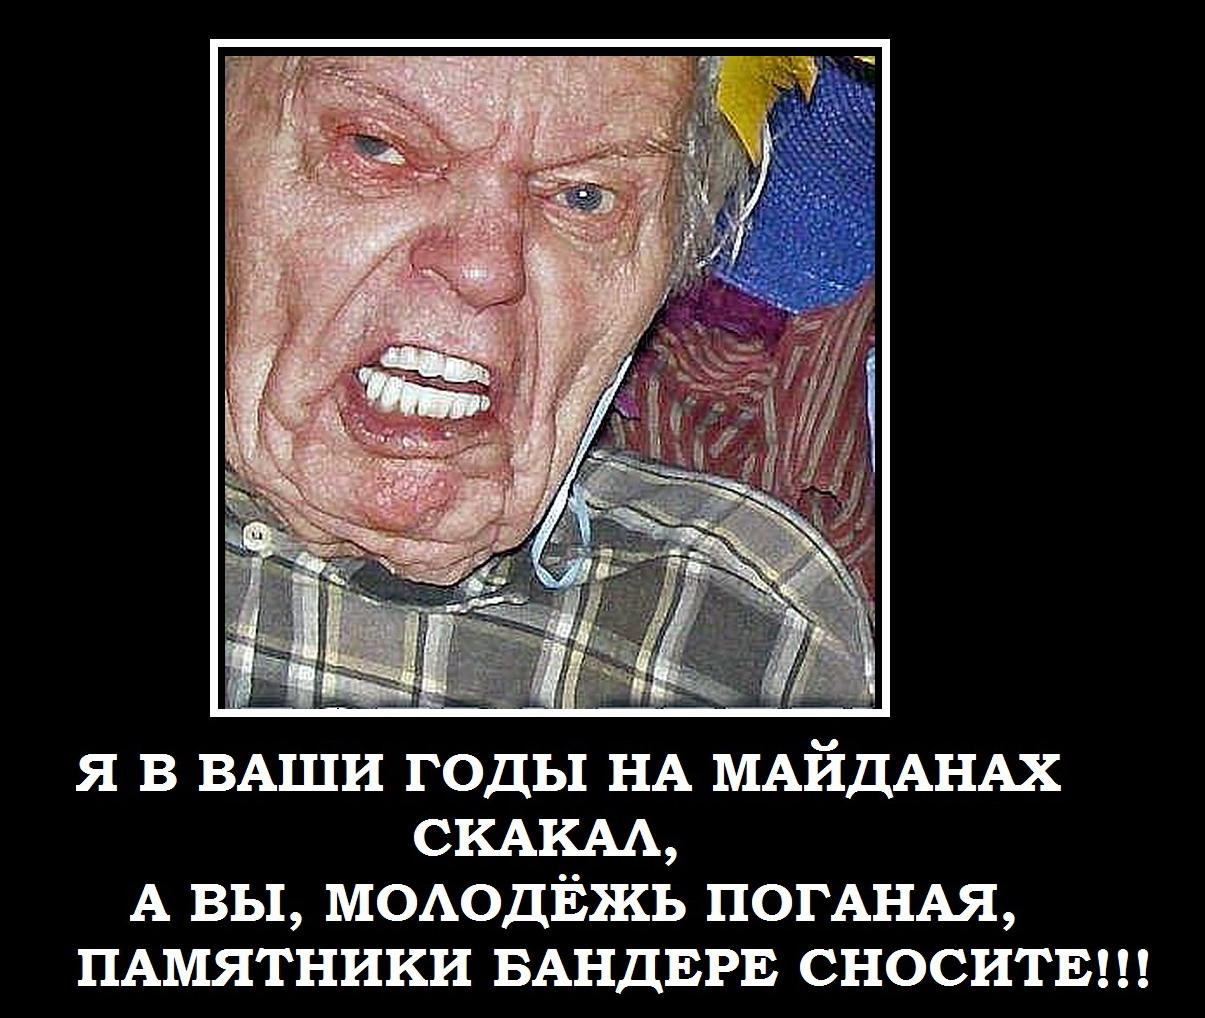 ДЕД-БАНДЕРОВЕЦ.jpg